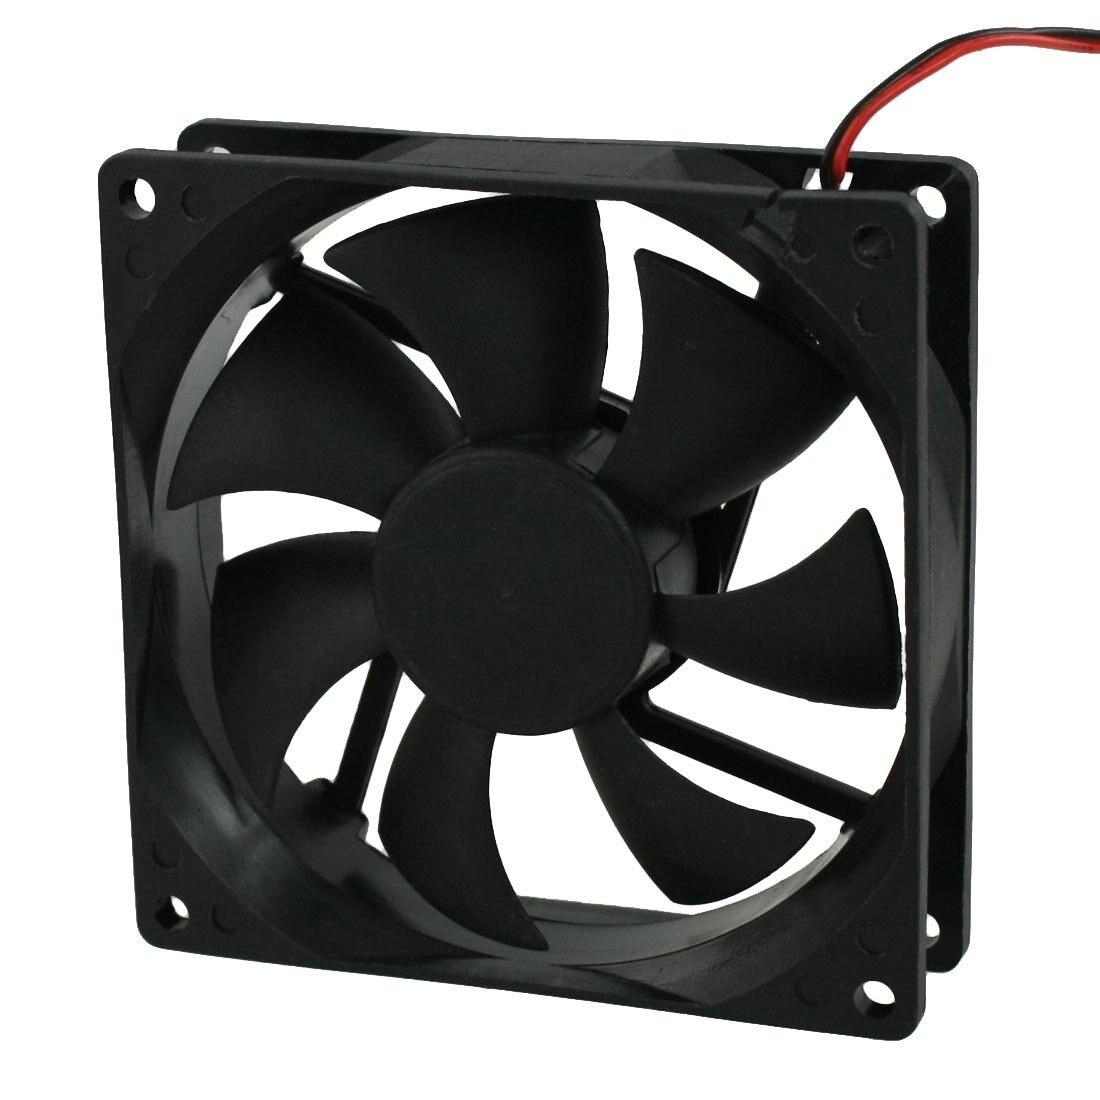 все цены на DC 12V 4 Pin Black Plastic PC Cooling Fan 90mm x 90mm x 25mm